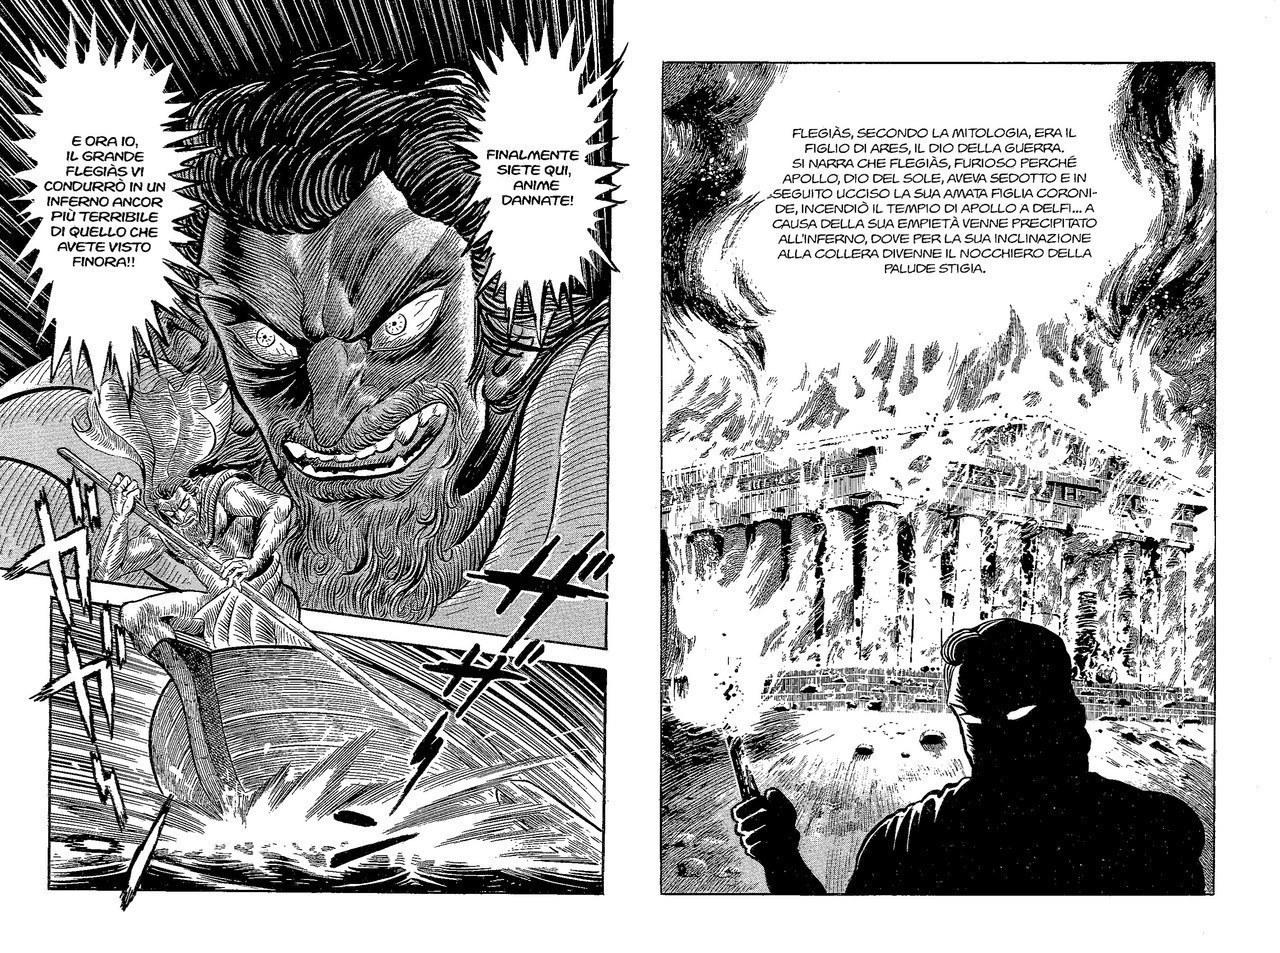 Go Nagai, Le glosse esplicative: la figura mitologica di Flegiàs, 1994,vol. 1, tav. 168